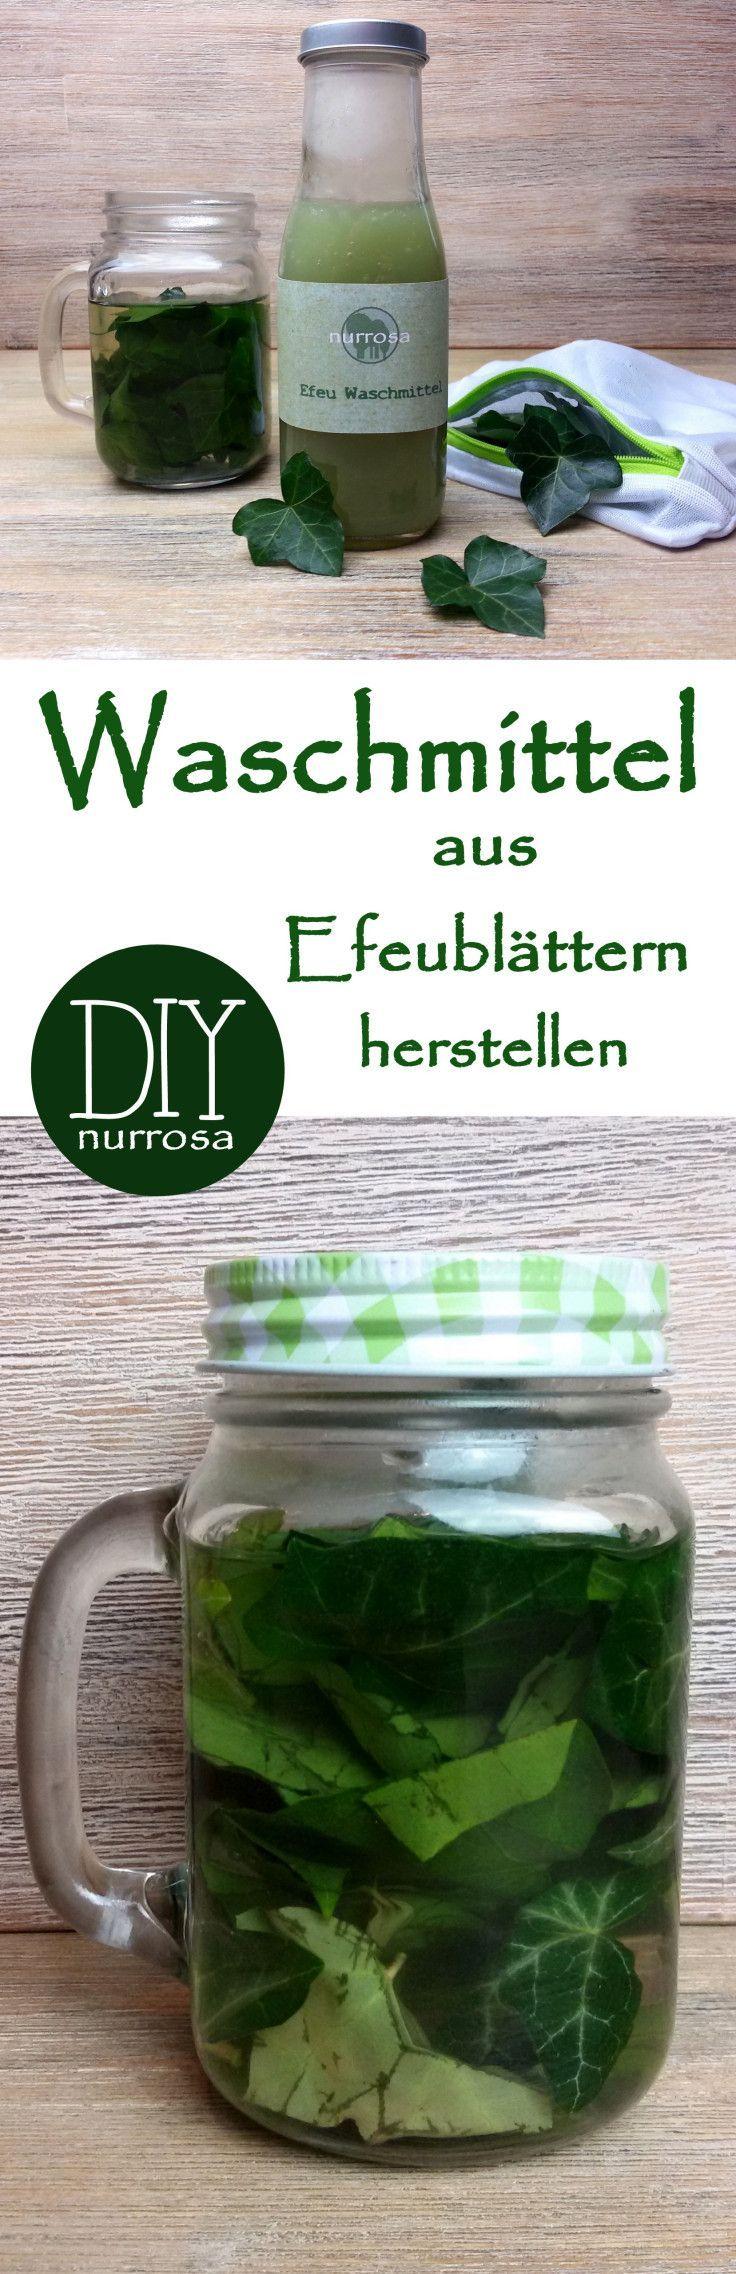 Waschmittel aus Efeublattern herstellen  DIY Anleitung  Haushalt plastikfrei